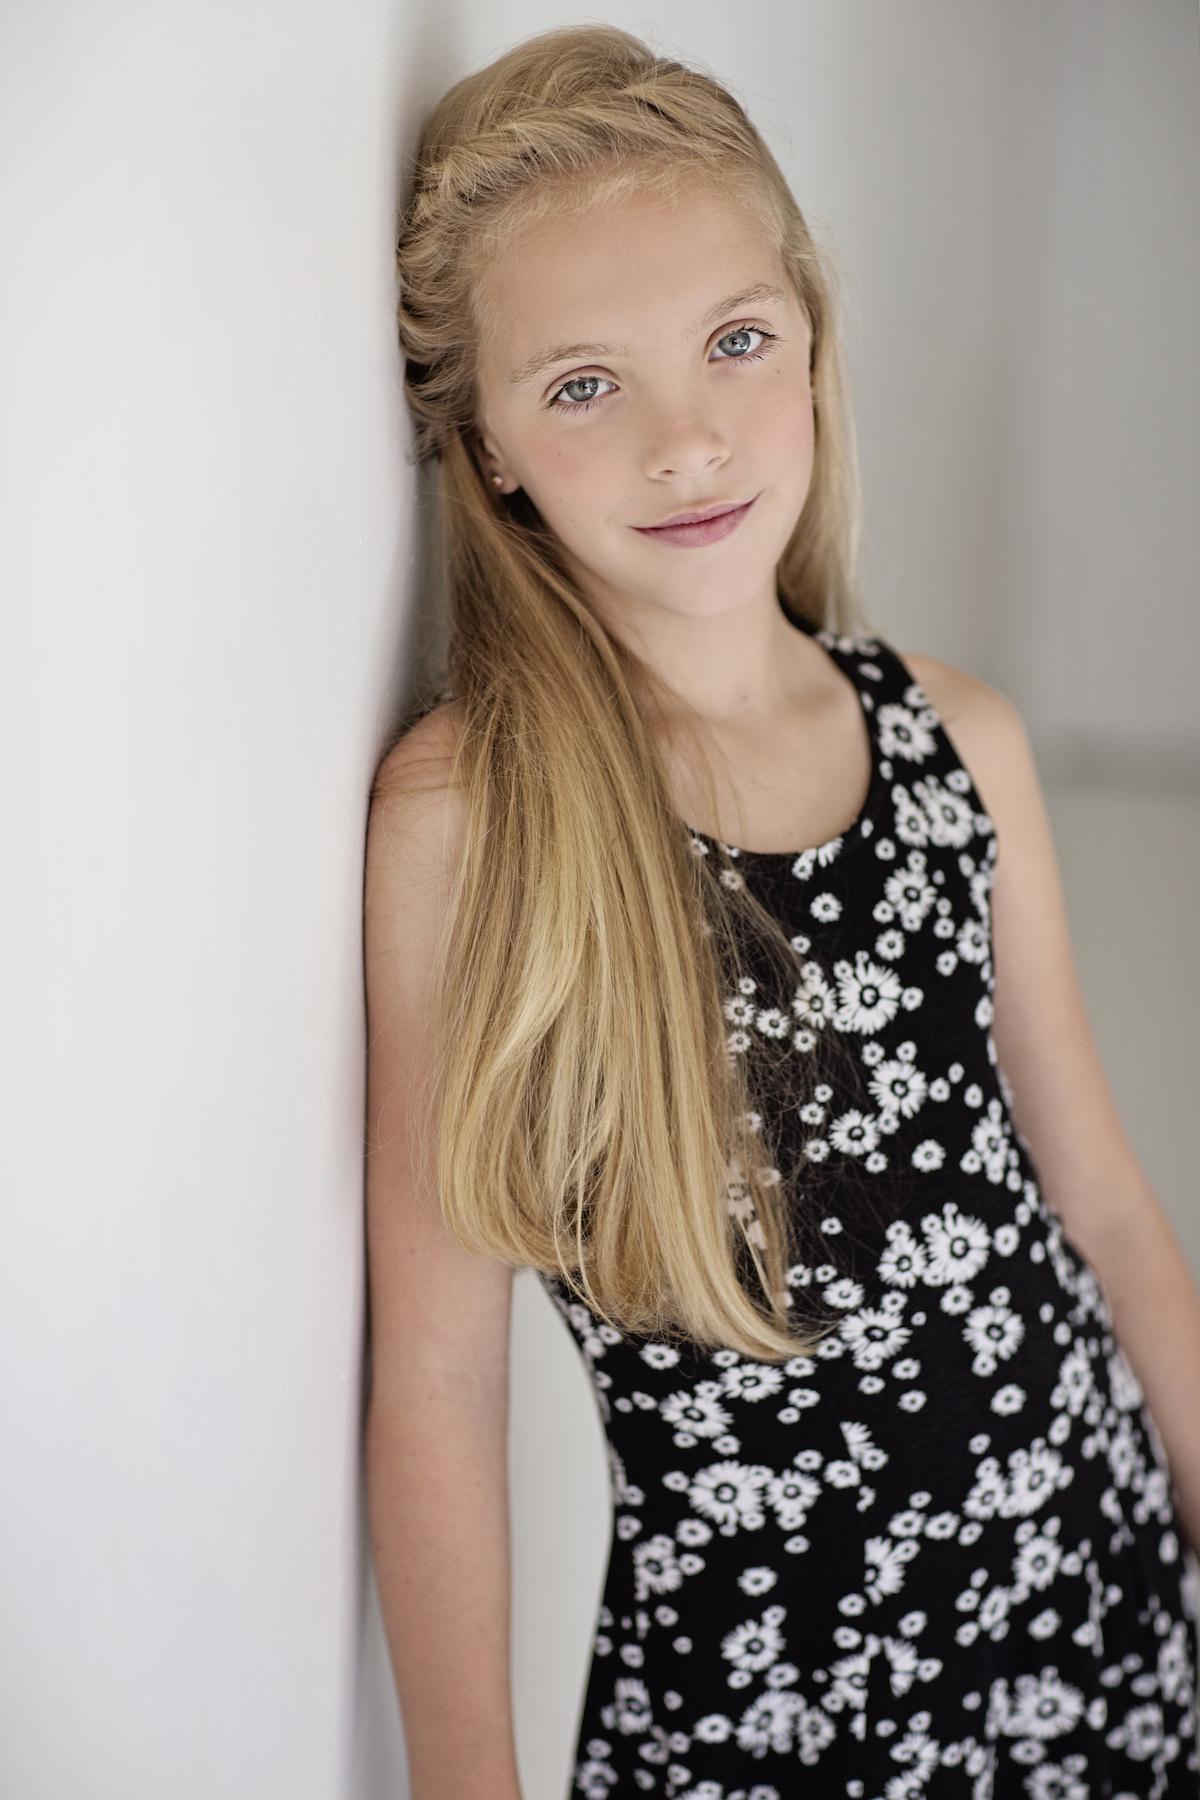 Megan model teen model